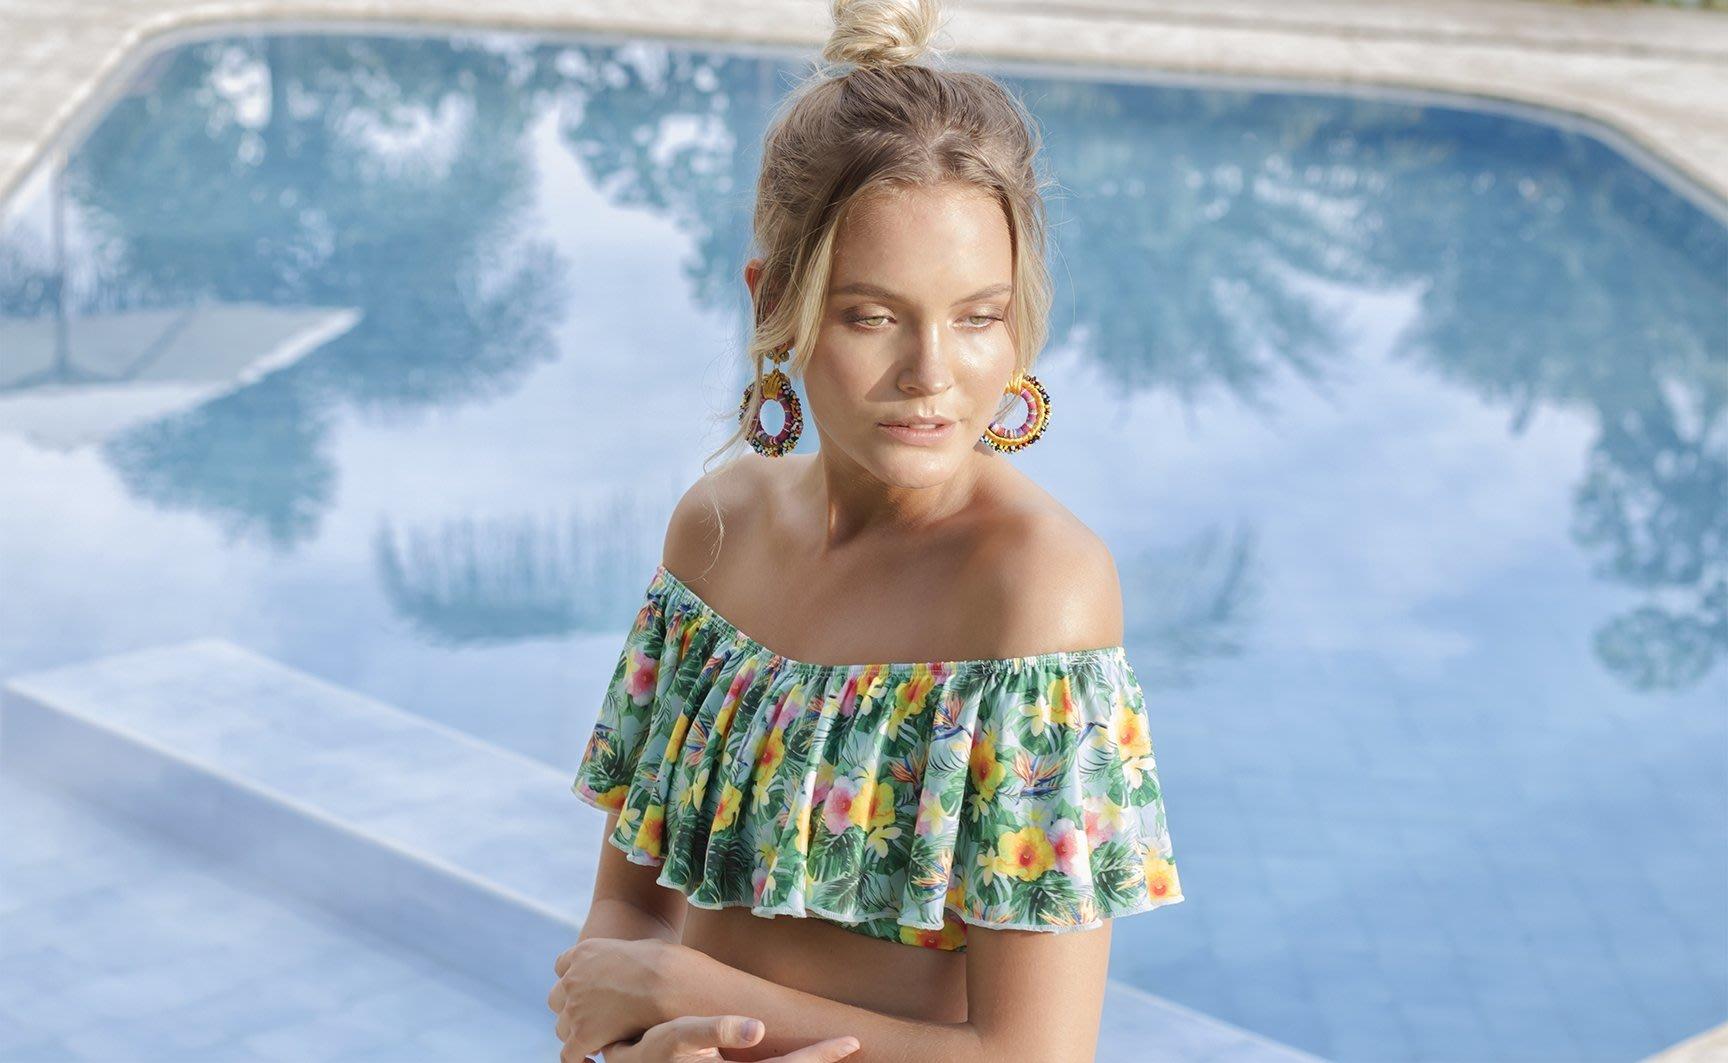 Model: Elise SandblomBrand: MacadamiaMacadamia Beachwear es una marca dedicada a la fabricación de trajes de baño y ropa de playa con altos estándares de calidad, su indumentaria está inspirada en la mujer que le gusta viajar, verse bien y sentirse cómoda mientras disfruta el verano.Macadamia